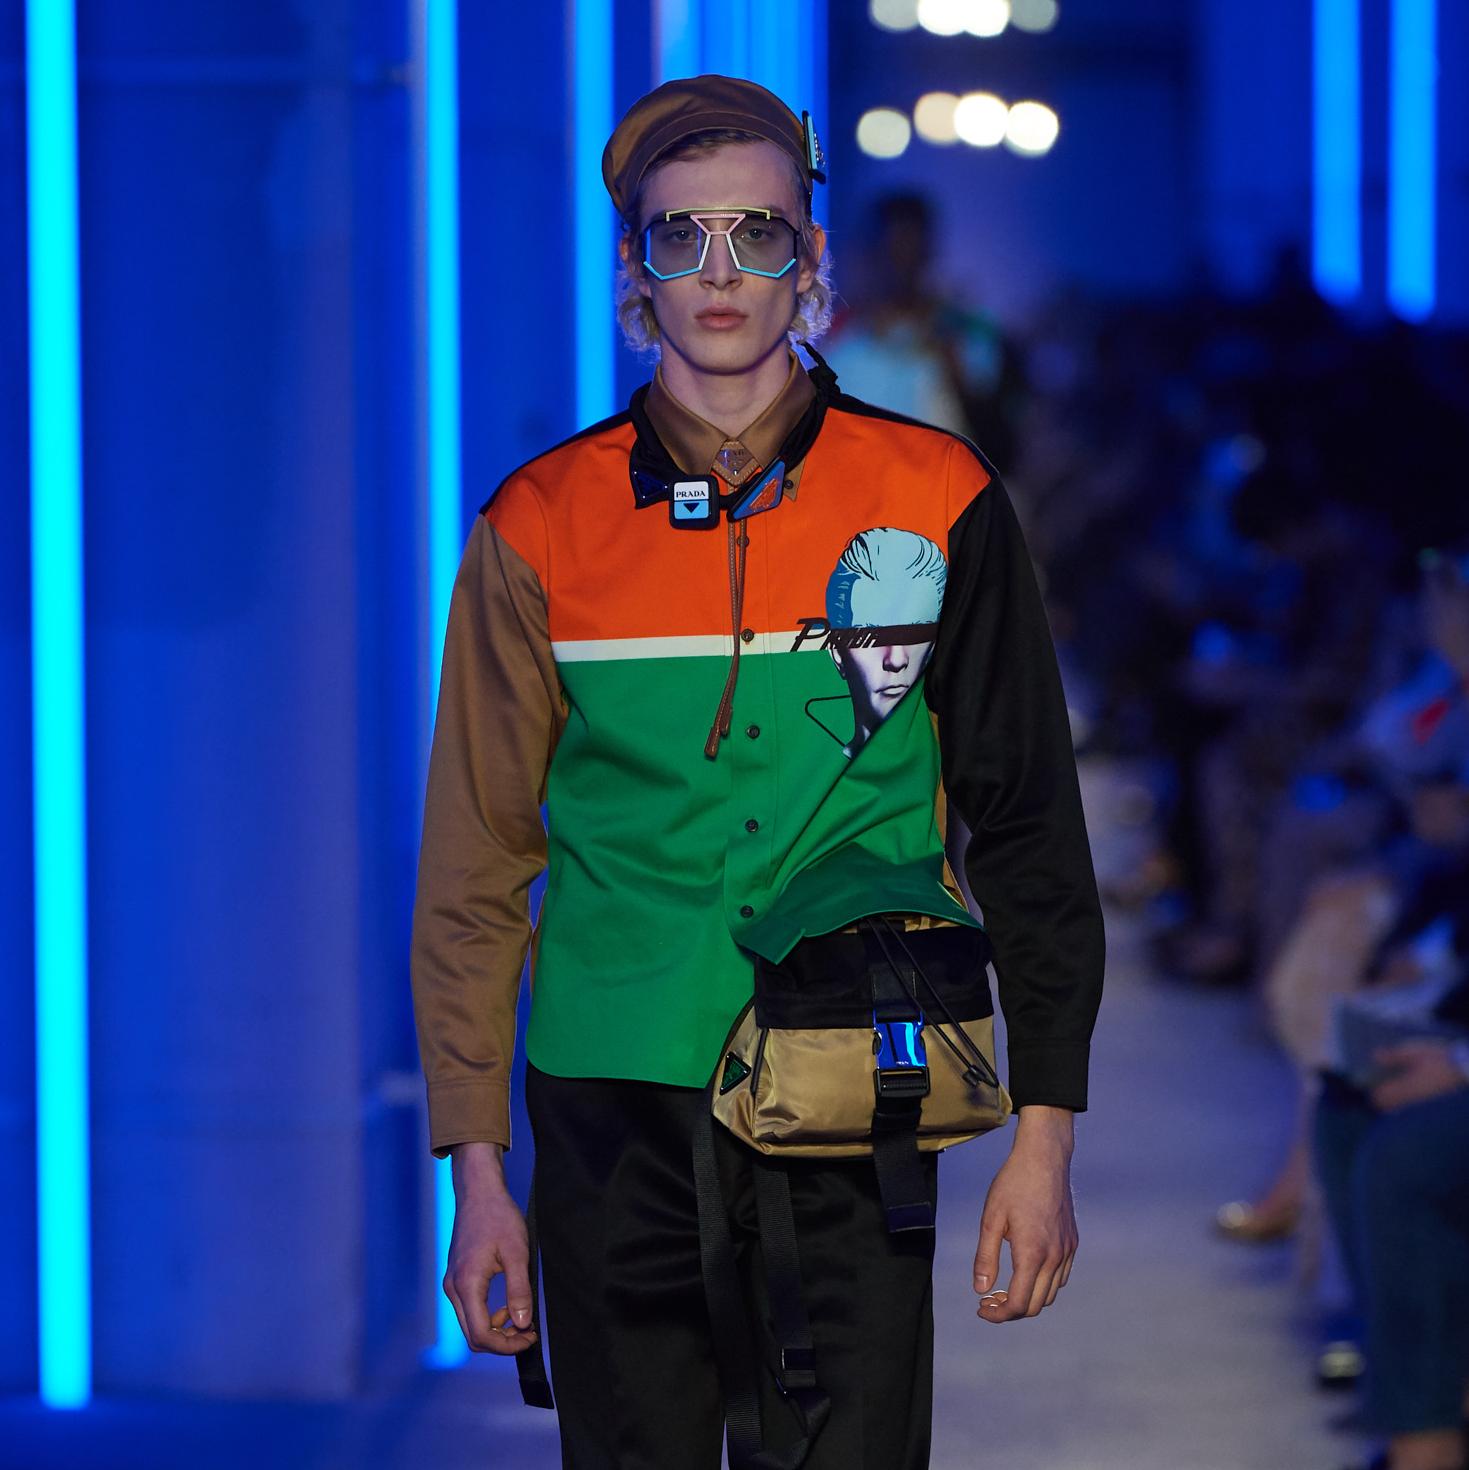 時尚的無限可能─PRADA 2020春夏男裝系列